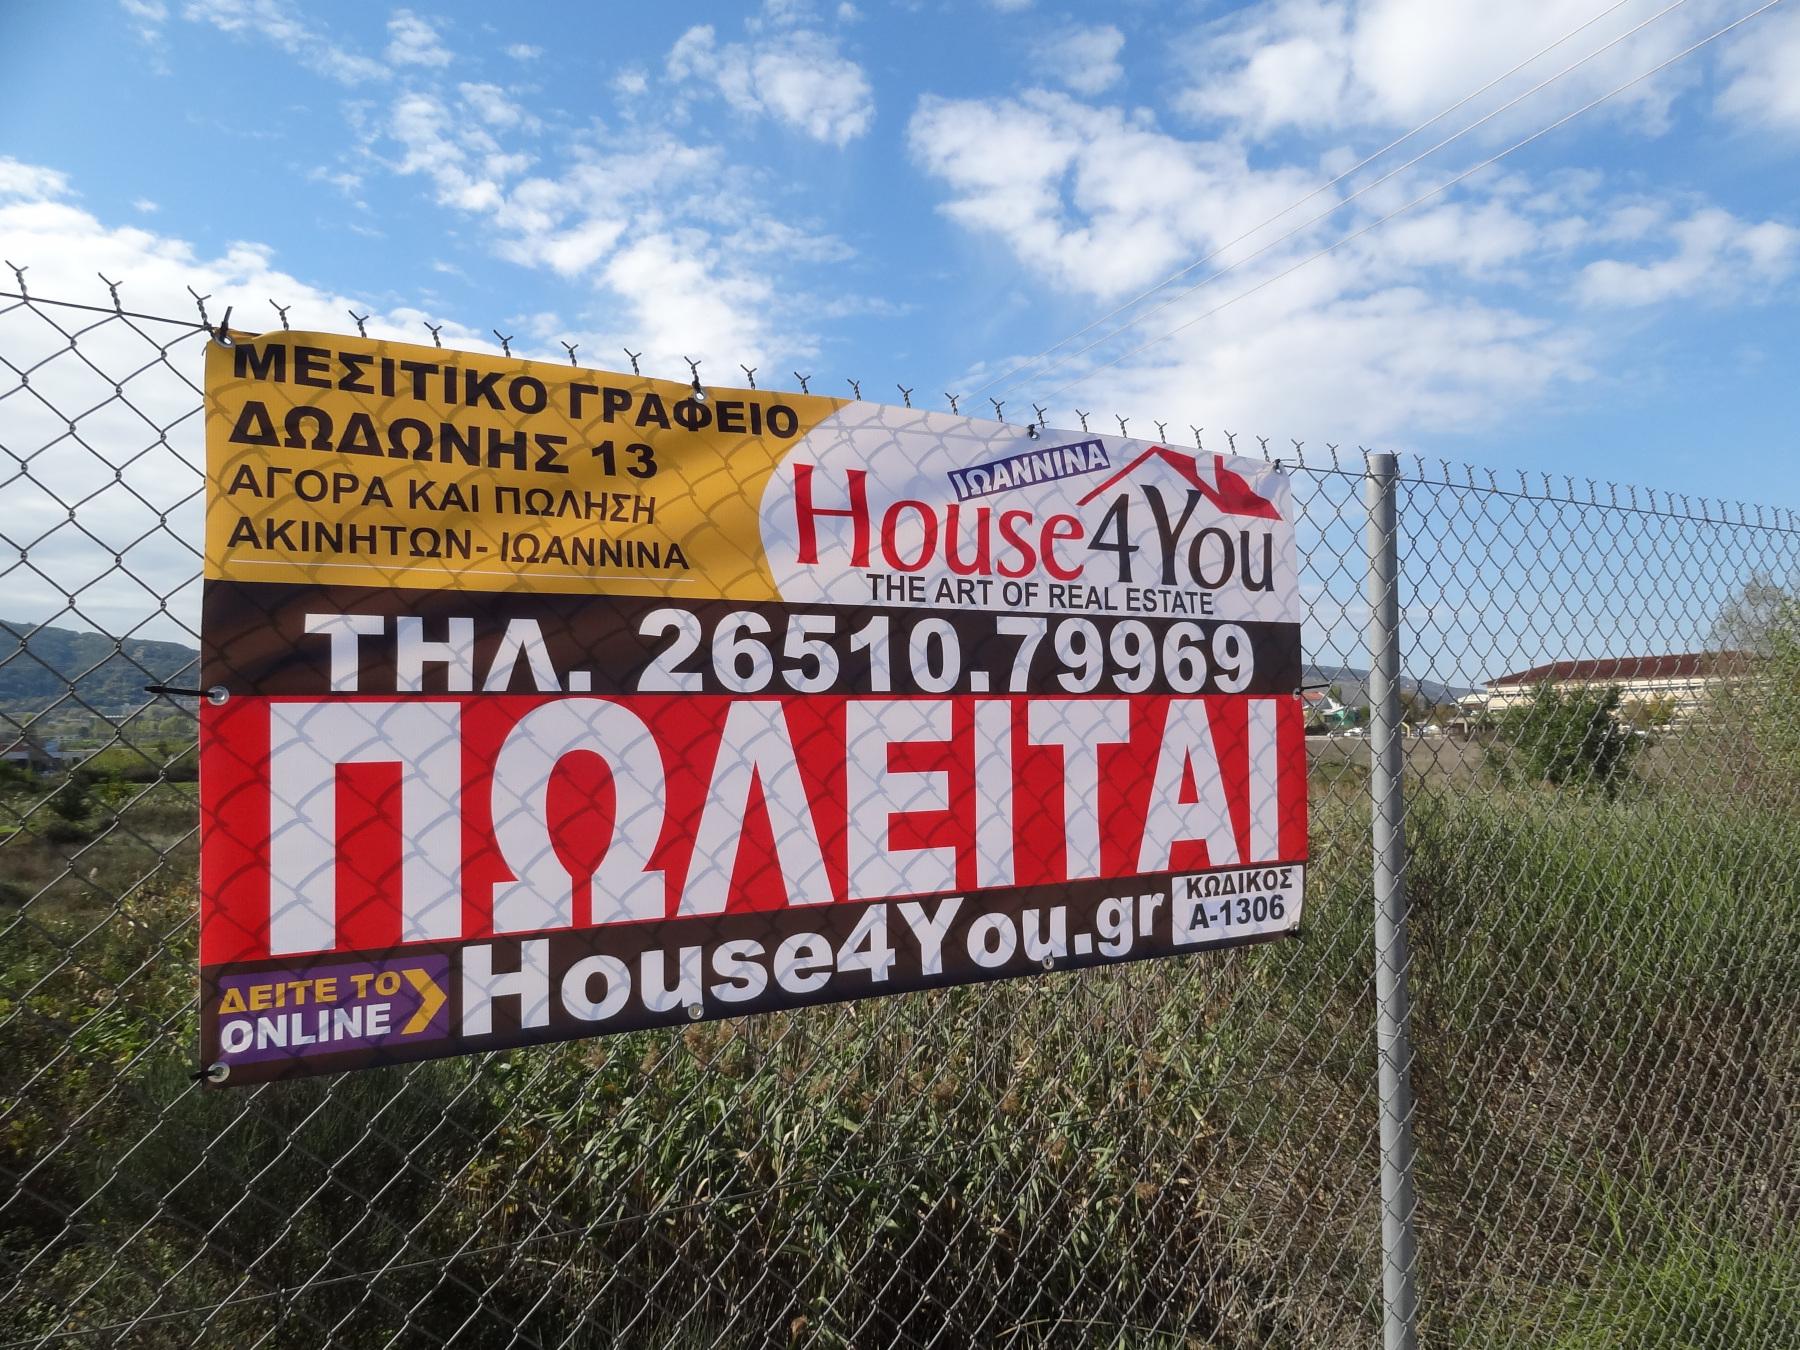 Πωλείται αγροτεμάχιο 5.351 τ.μ. επί της εθνικής οδού Ιωαννίνων - Αθηνών